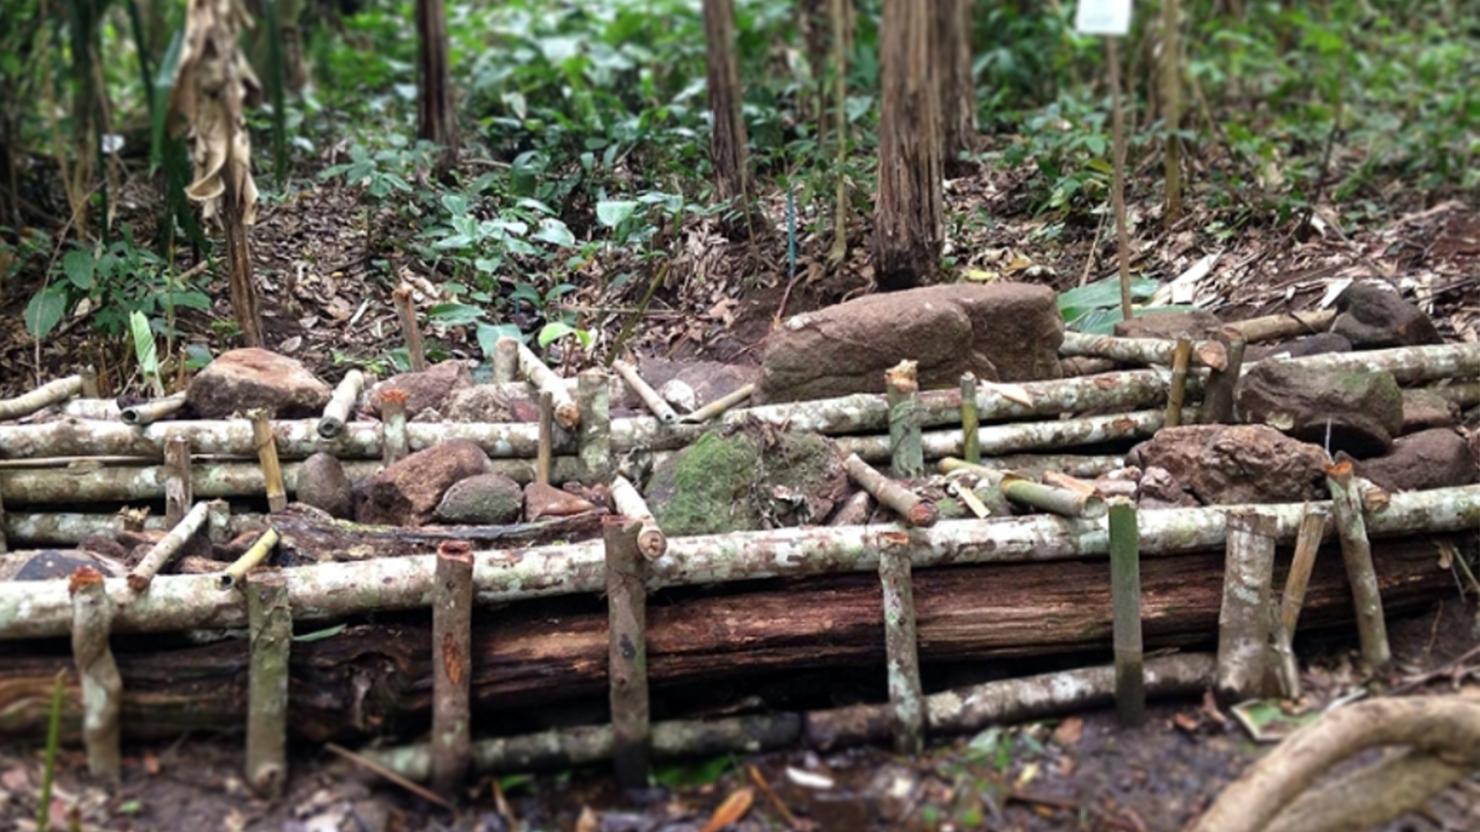 สร้างฝายประชารัฐในป่าอนุรักษ์ ยากกว่าที่คิด